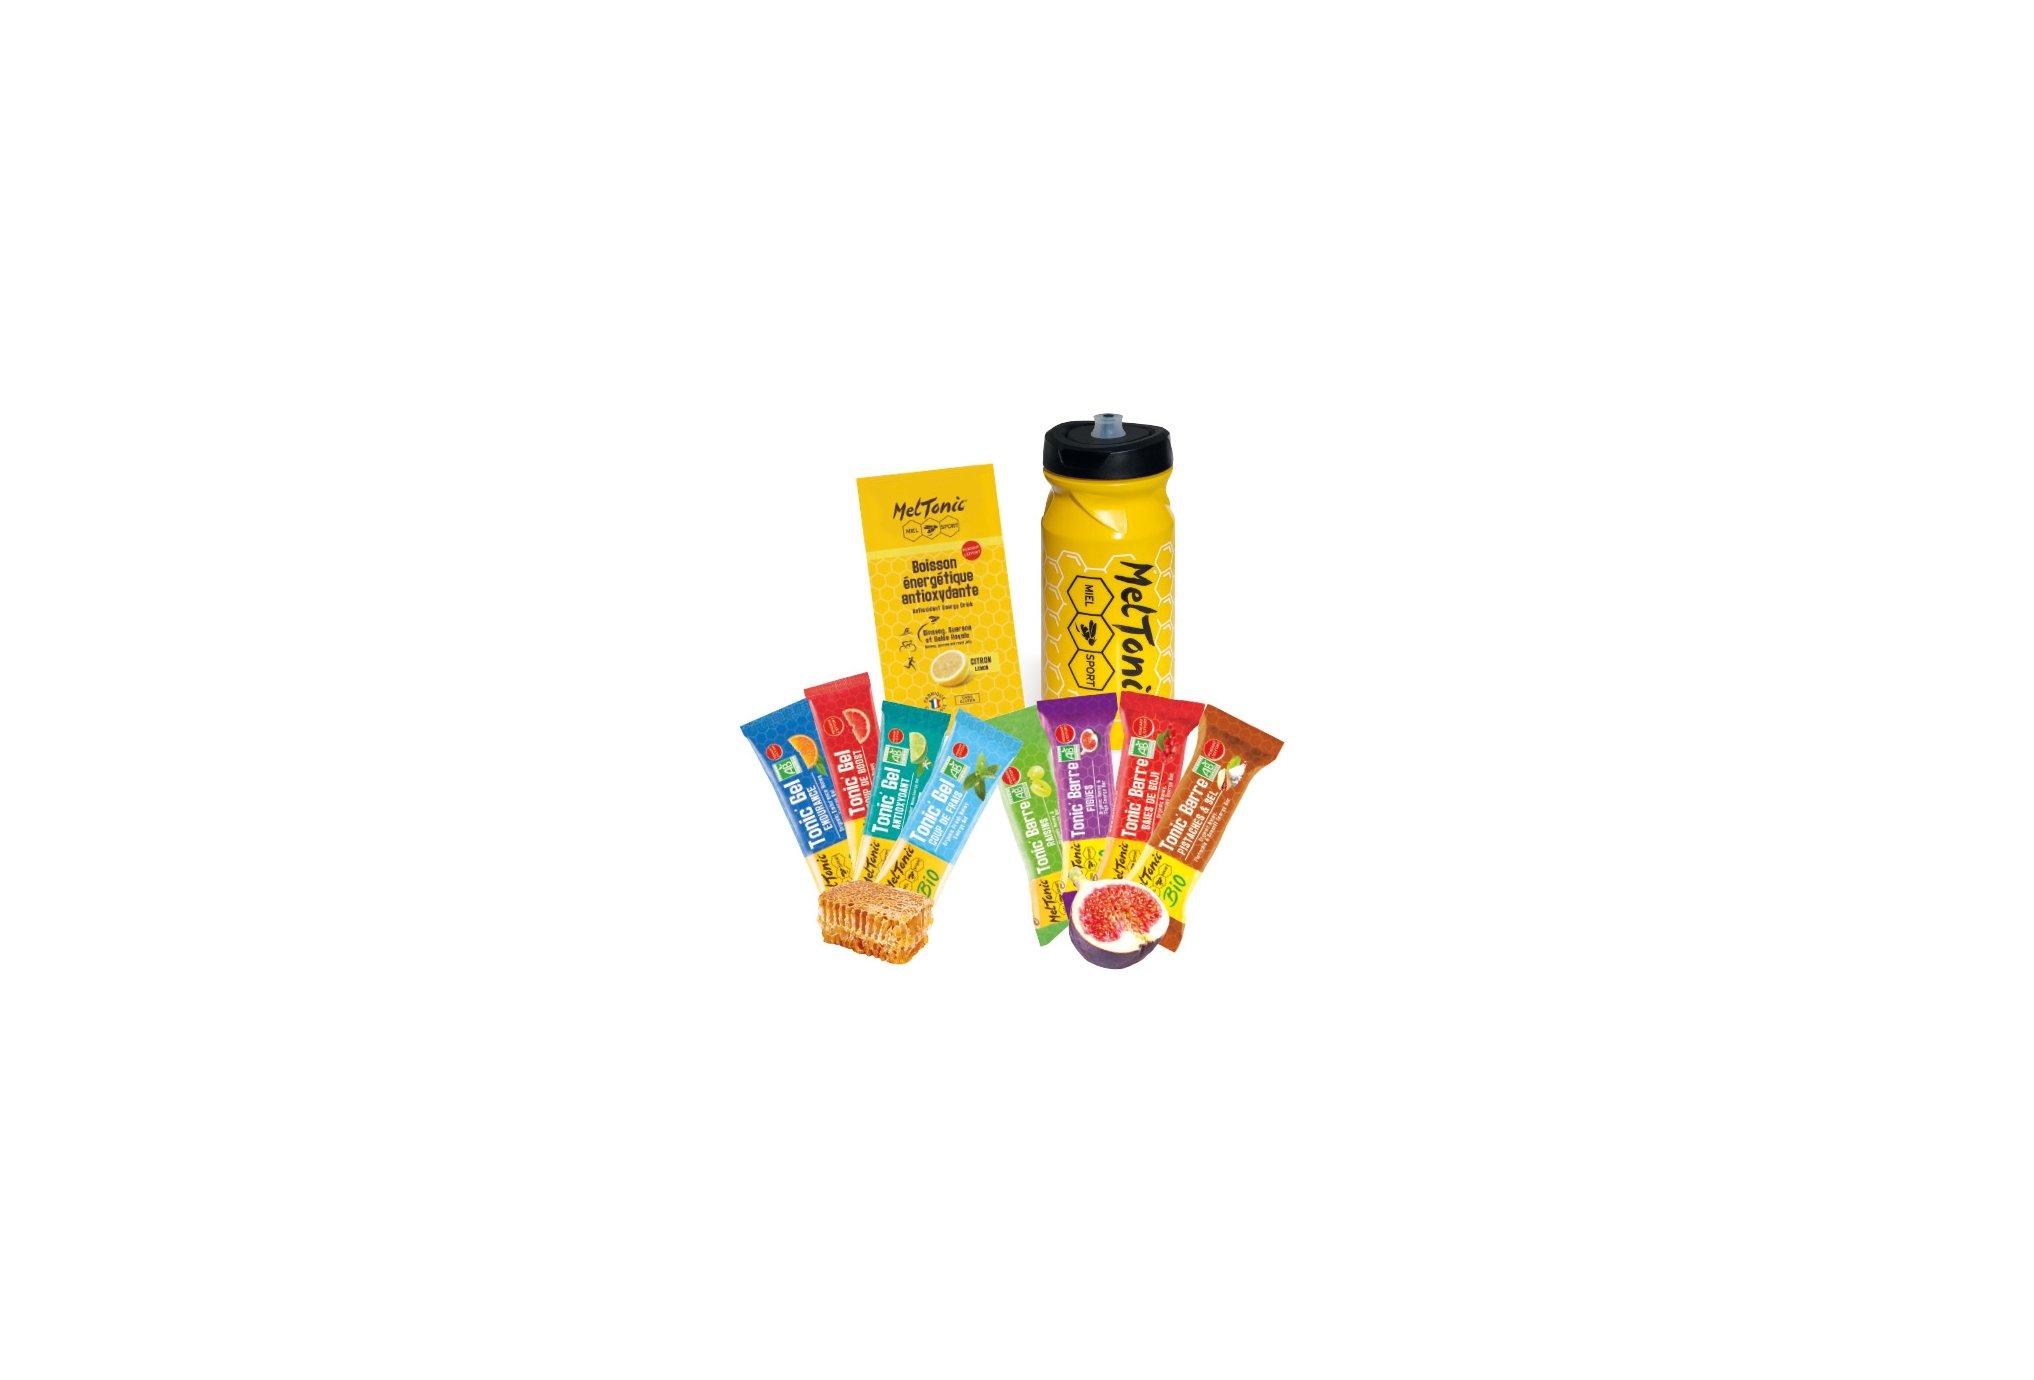 MelTonic Pack Découverte Diététique Packs